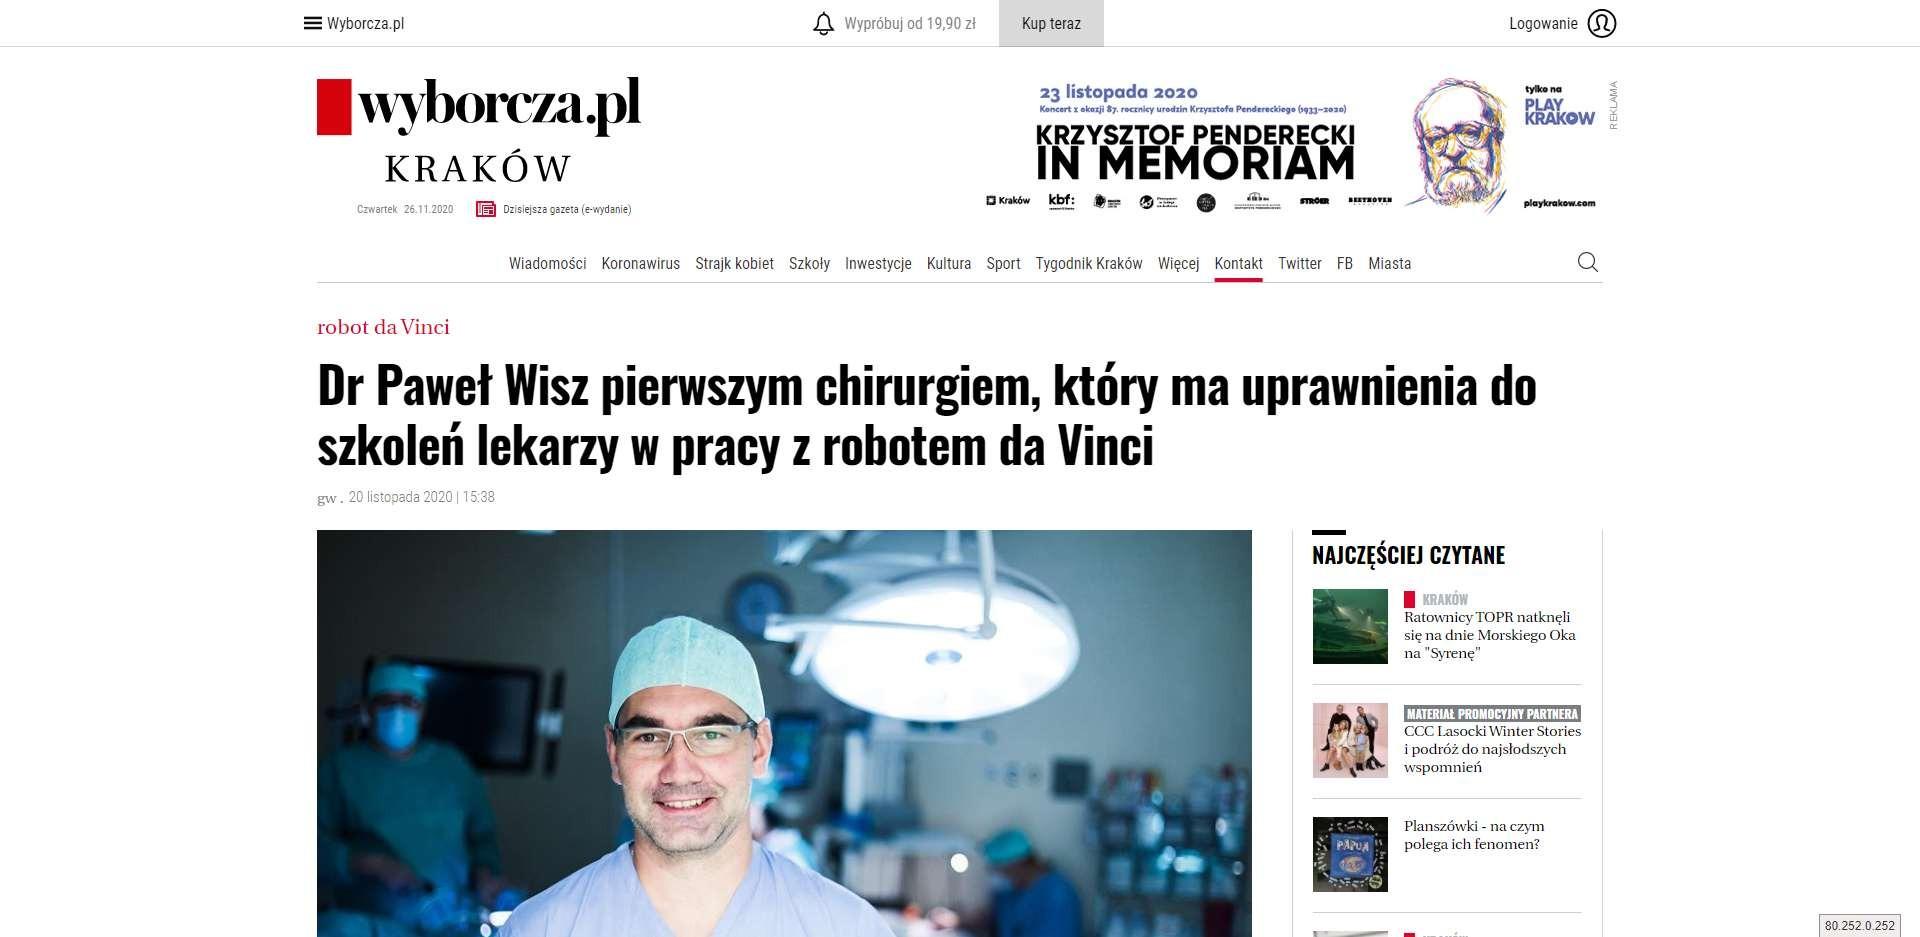 dr pawel wisz pierwszym chirurgiem ktory ma uprawnienia do szkolen lekarzy w pracy z robotem da vinci